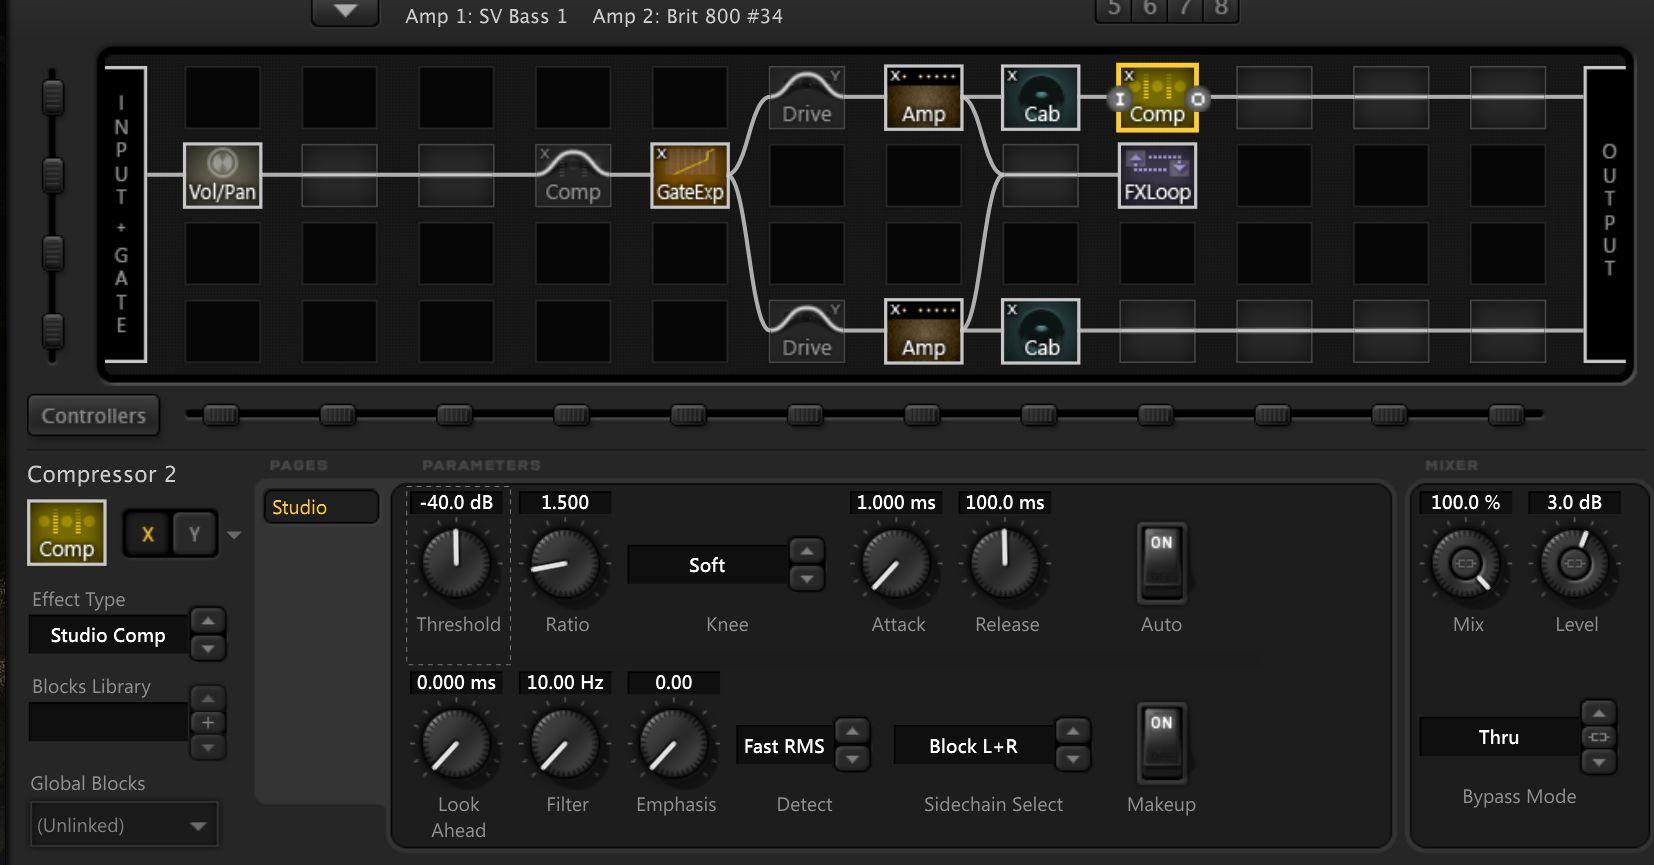 Direct Bass : Think I have a tone I like-comp-jpg